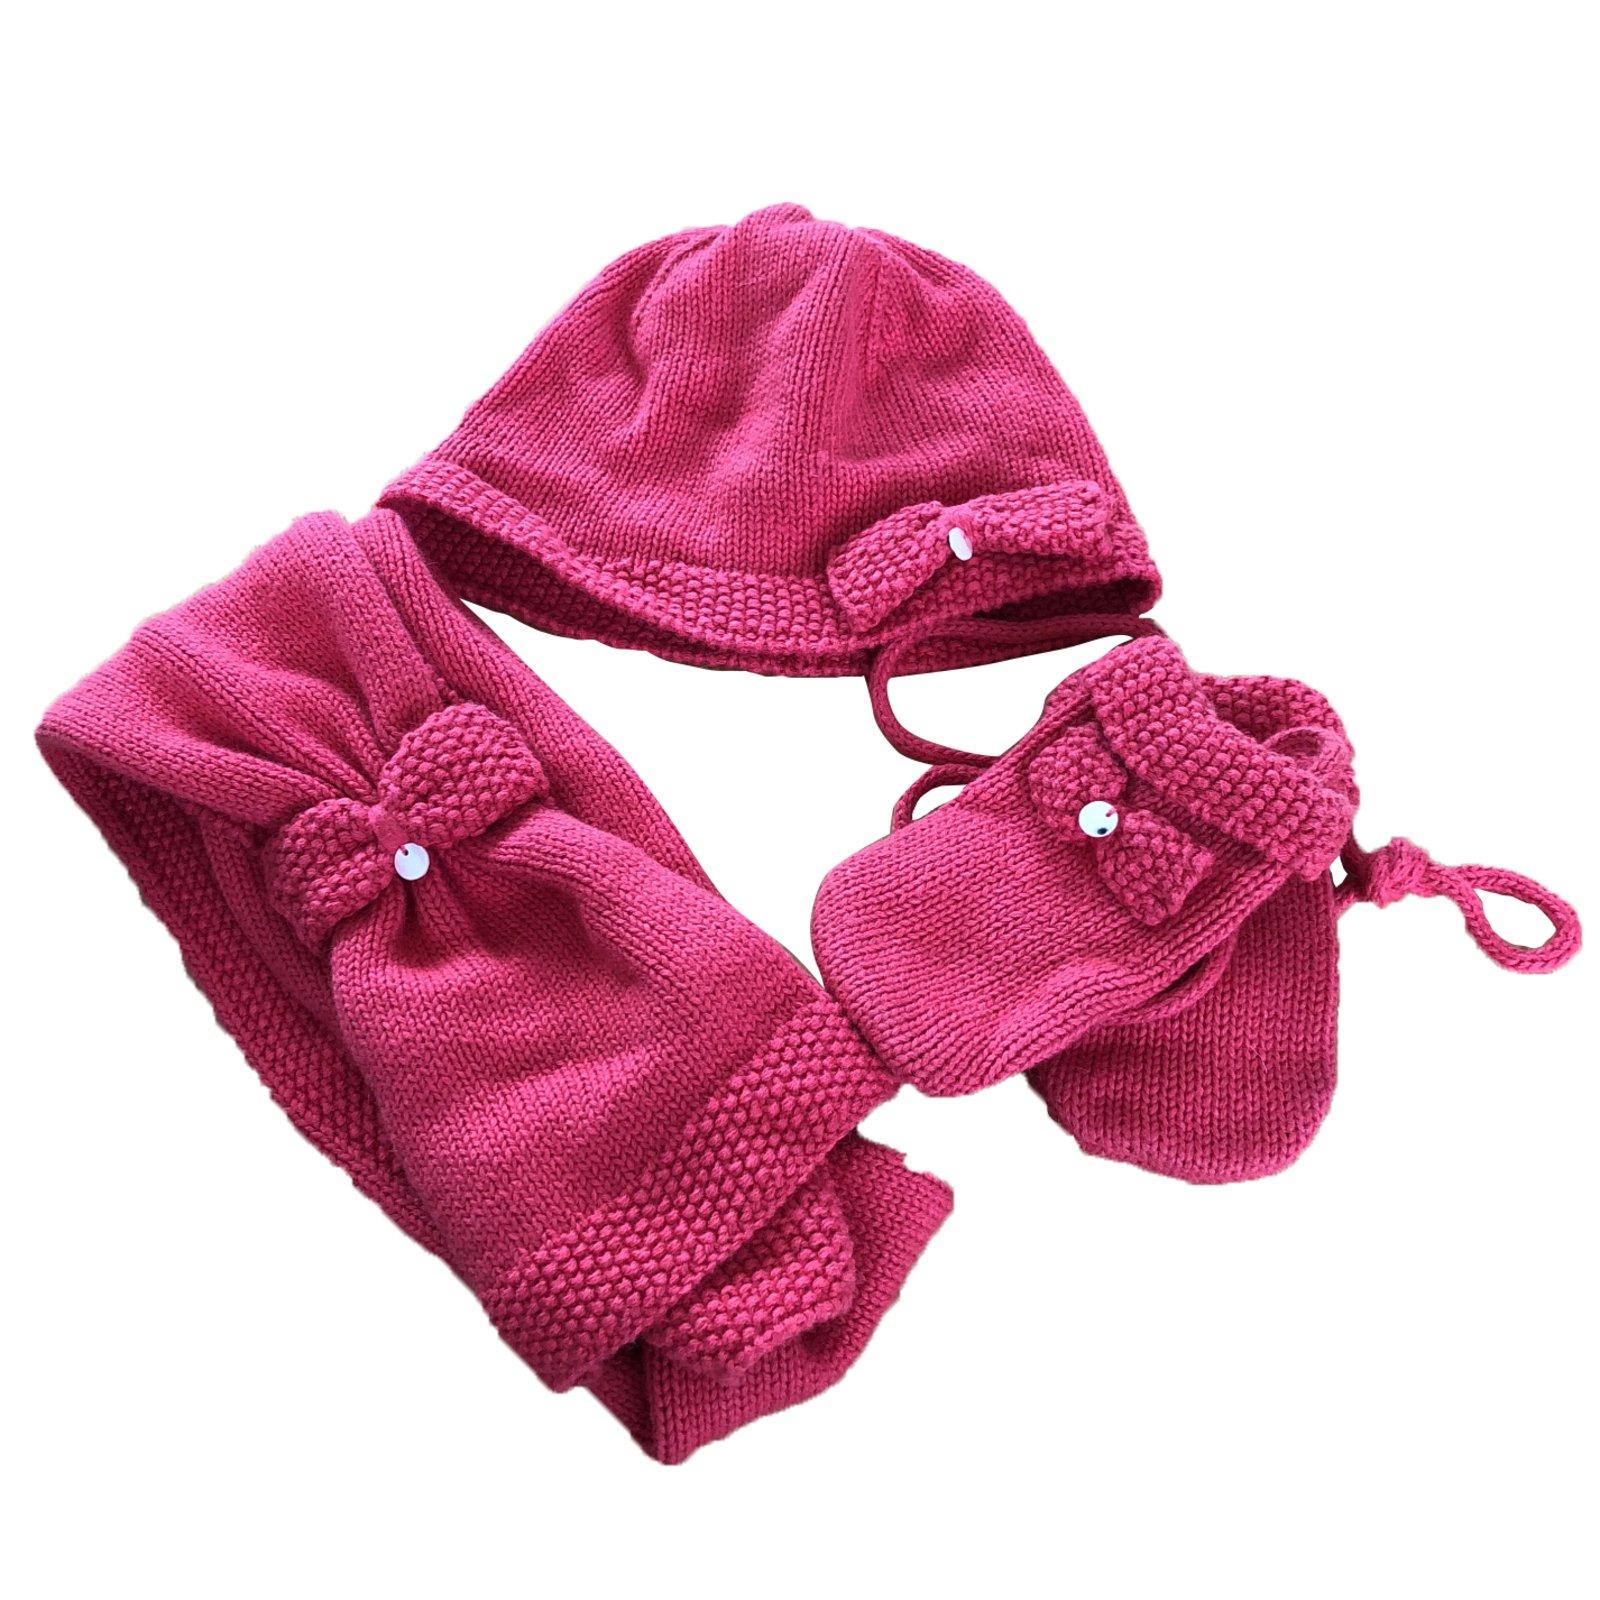 Tartine et Chocolat Hats Beanies Gloves Hats Beanies Gloves Cotton Dark red  ref.79081 8ba0dd0fd50